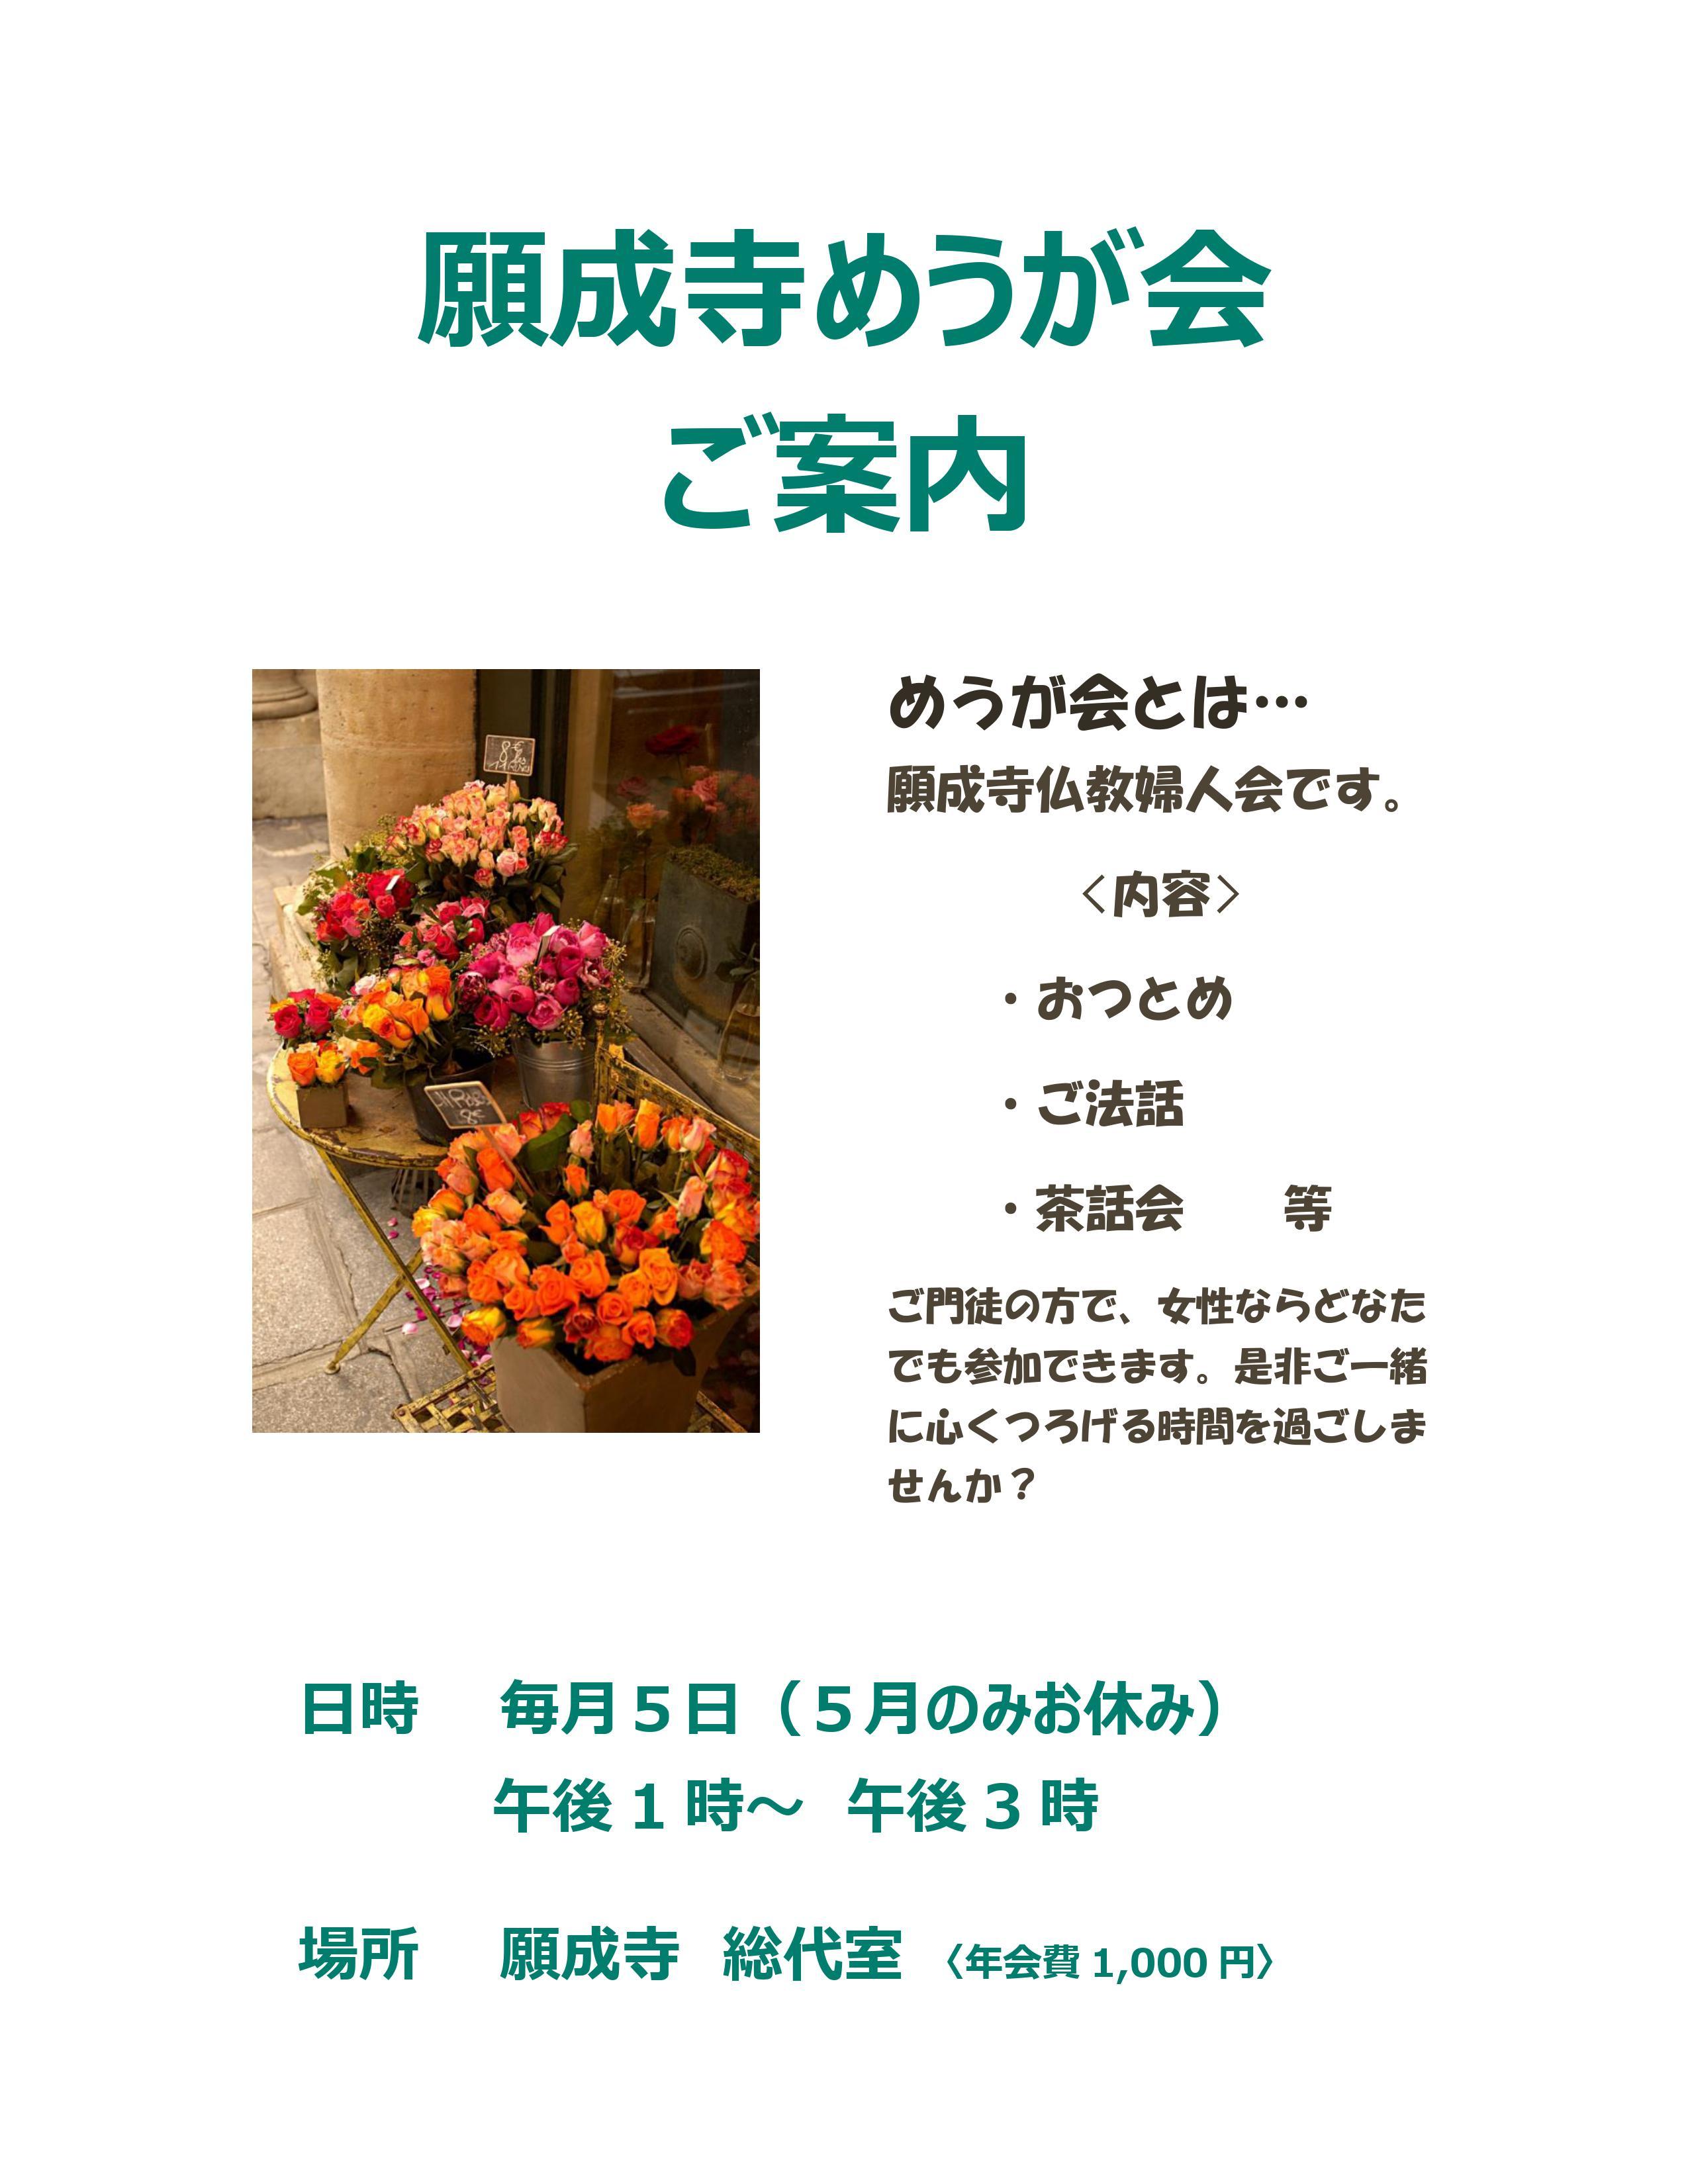 めうが会案内29.10